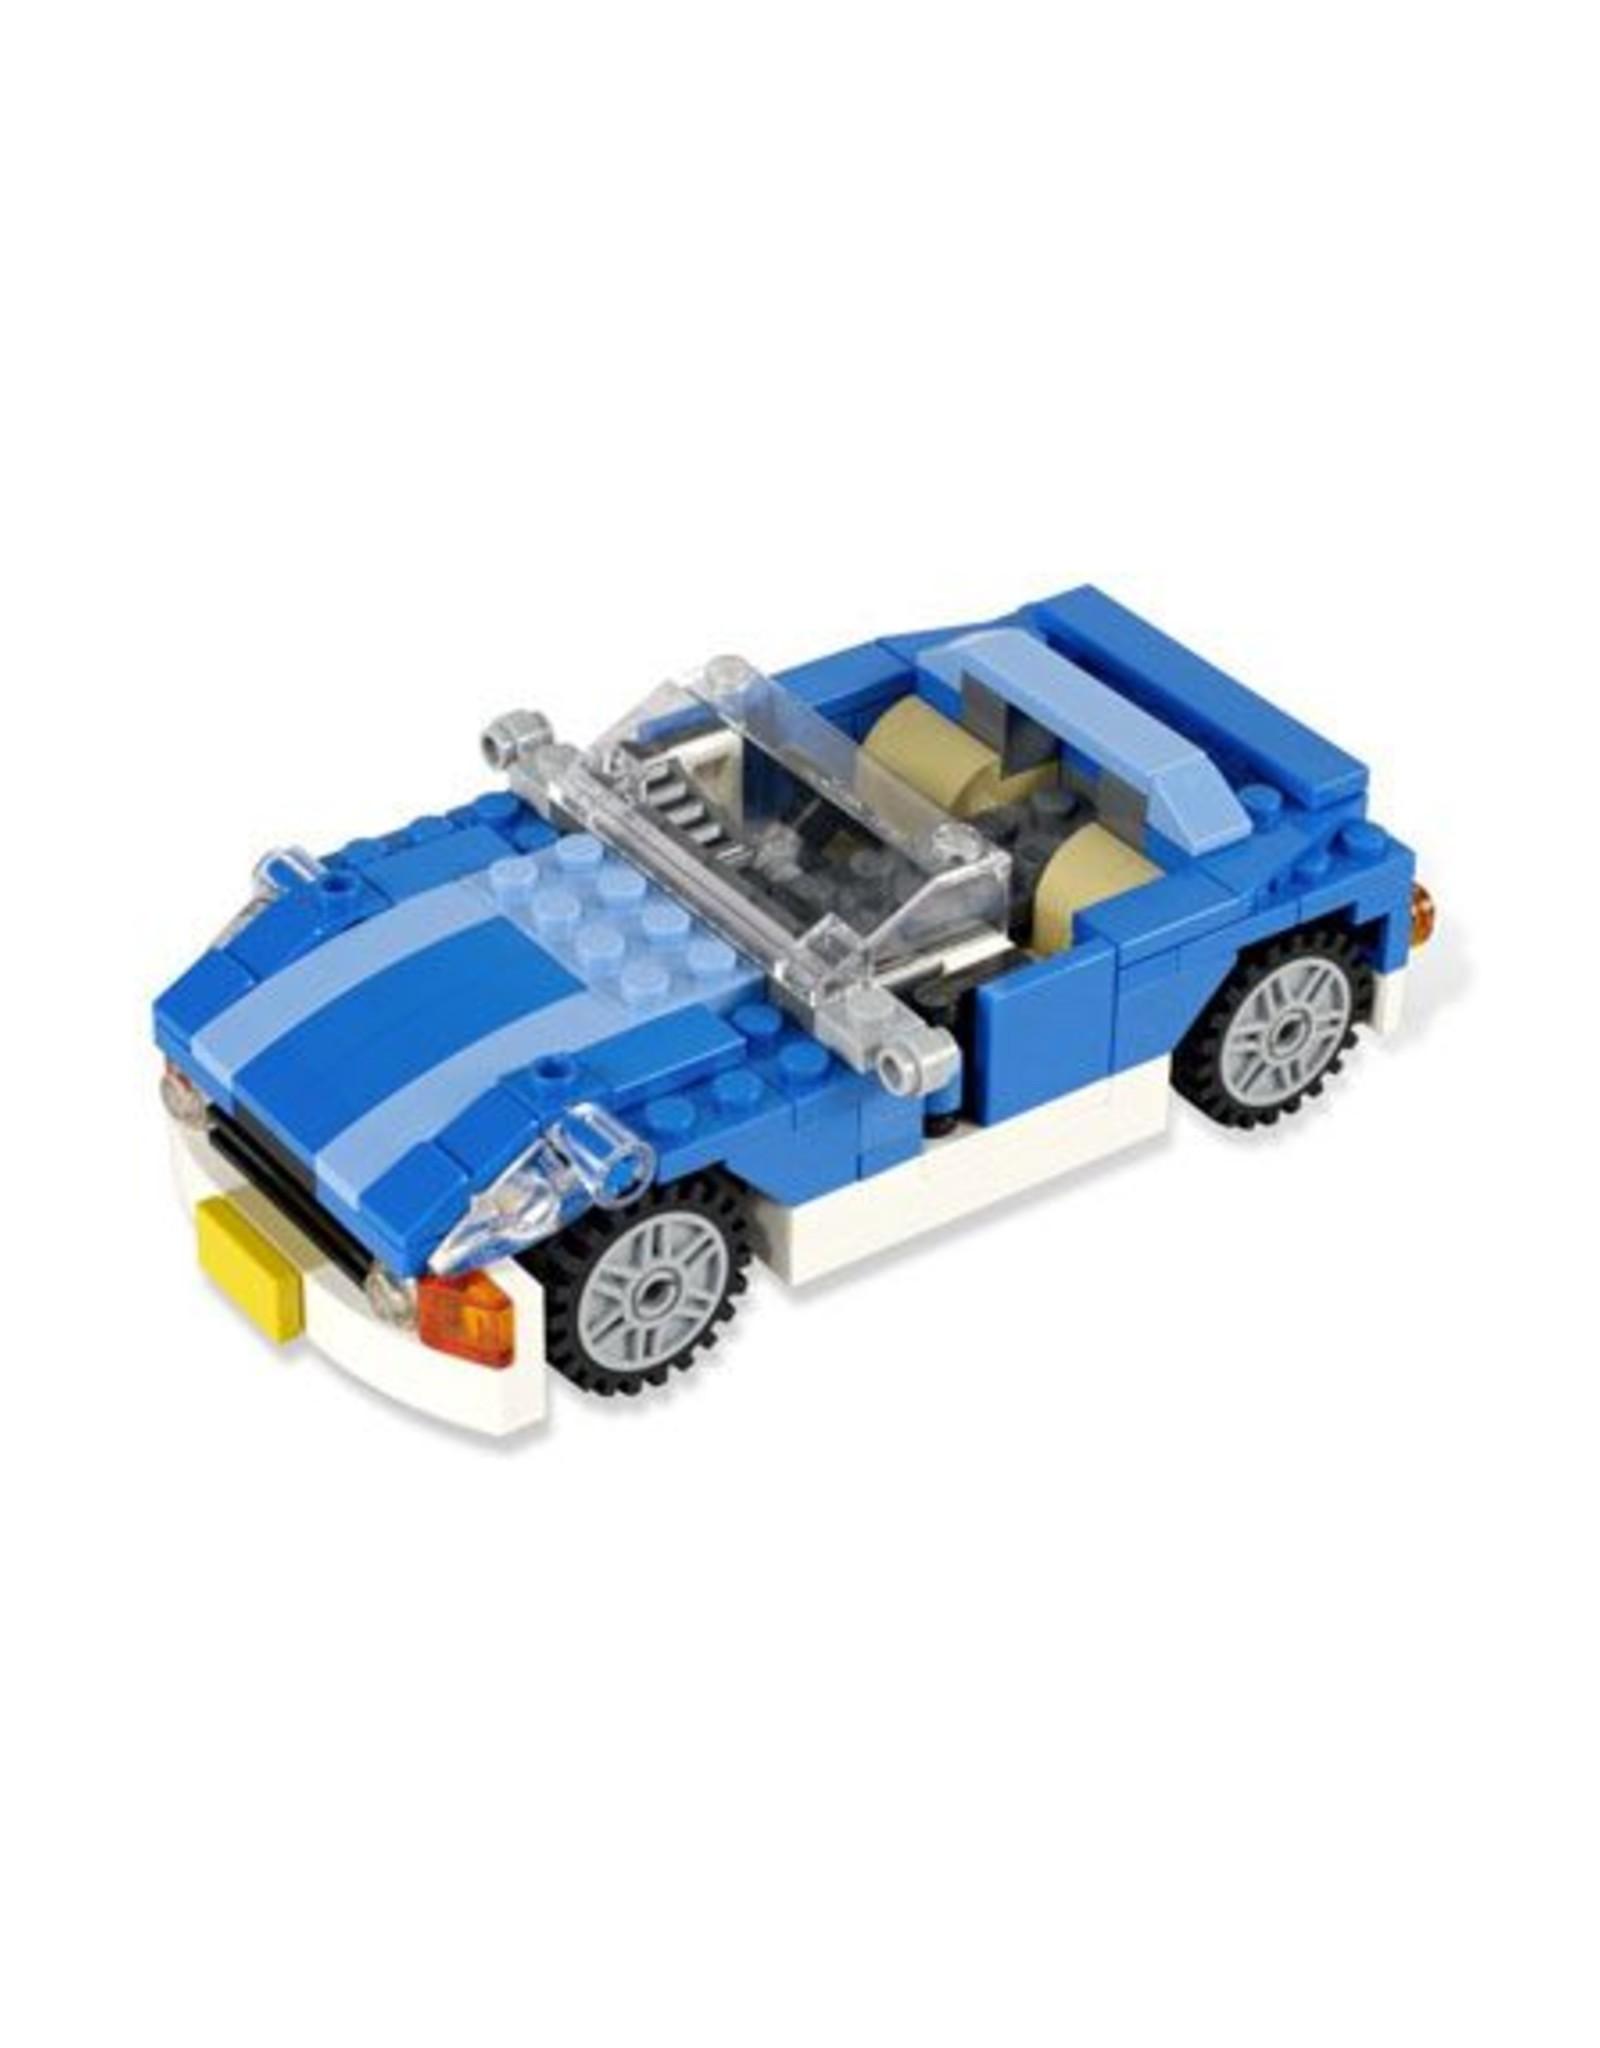 LEGO LEGO 6913 Blauwe sportwagen  CREATOR